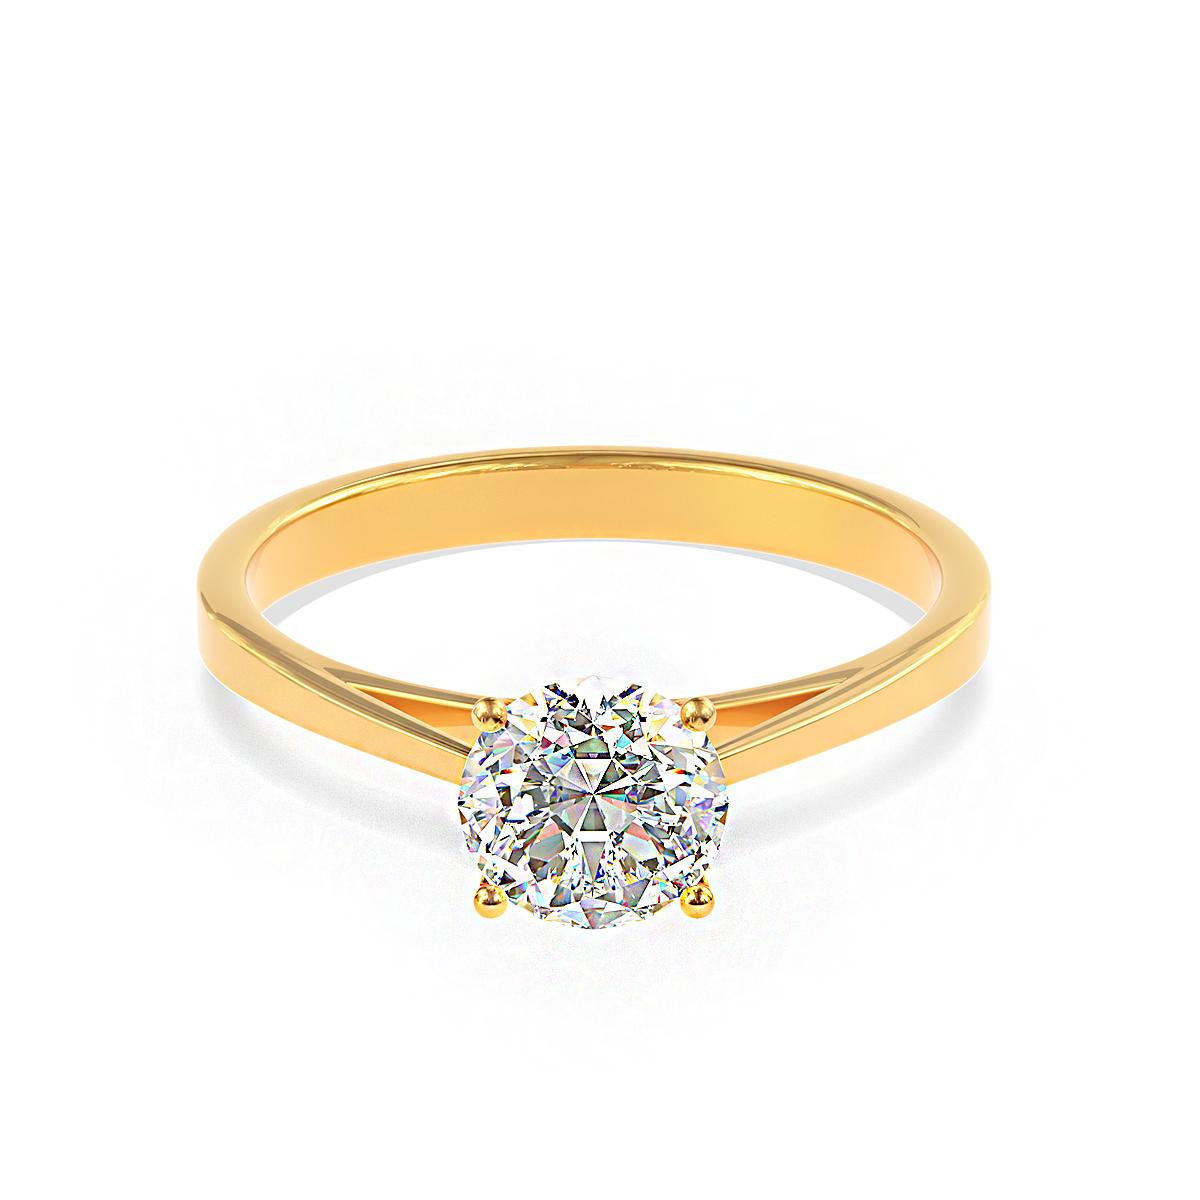 Златен годежен пръстен Infinity с диамант.